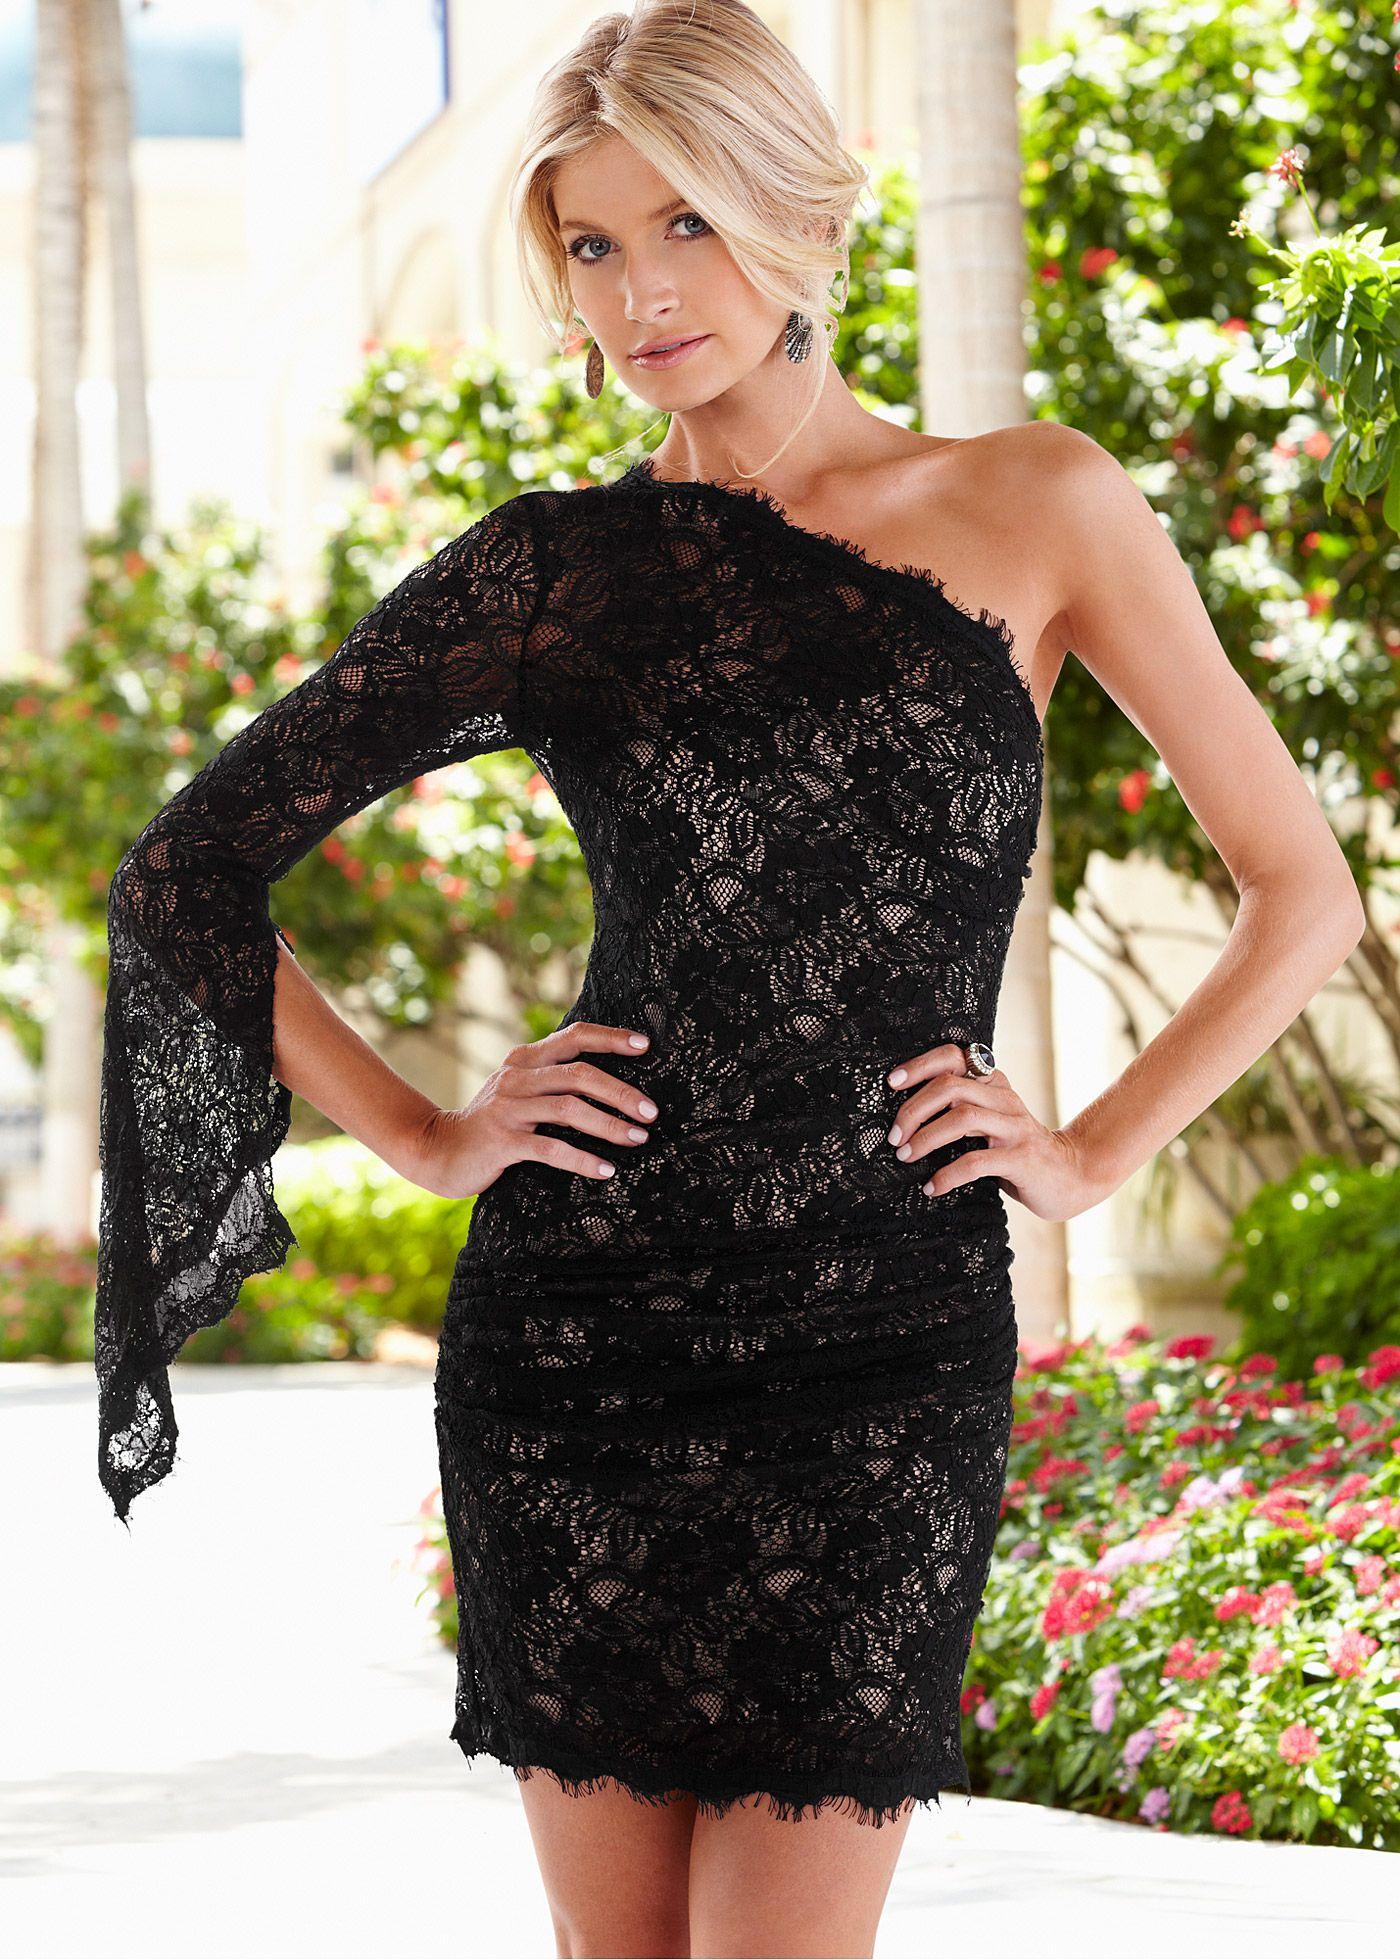 608add15f Vestido tubinho ombro único preto encomendar agora na loja on-line bonprix.de  R$ 199,00 a partir de Exala feminilidade pura! Vestido de renda sexy, de .